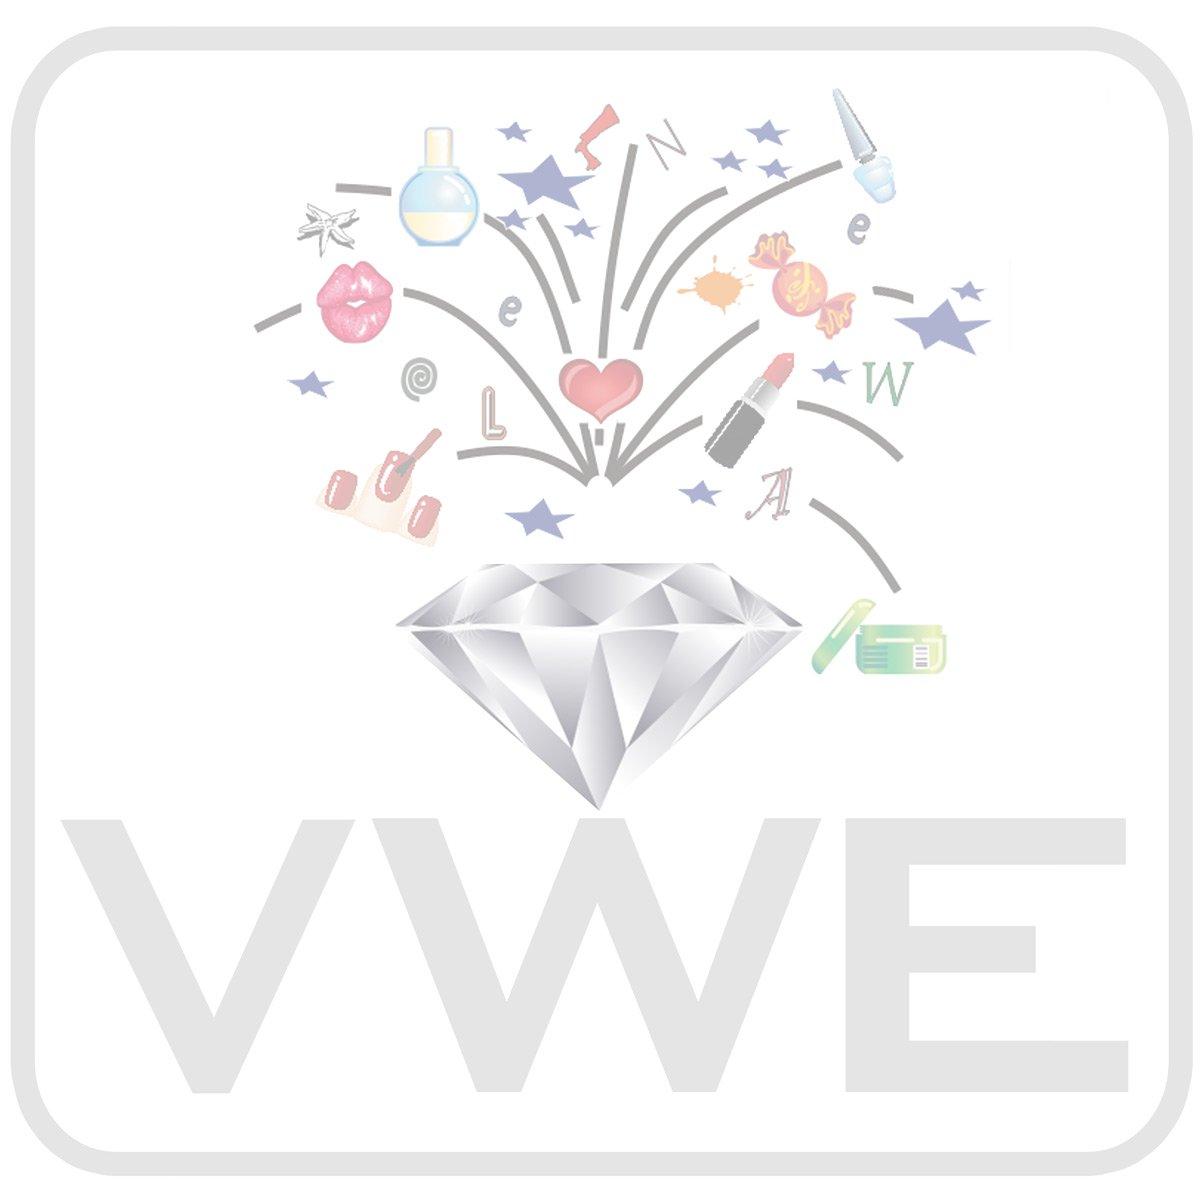 UV Gel Flux Diamond Touch - GFDT-15 - 15ml  [1 / 3]